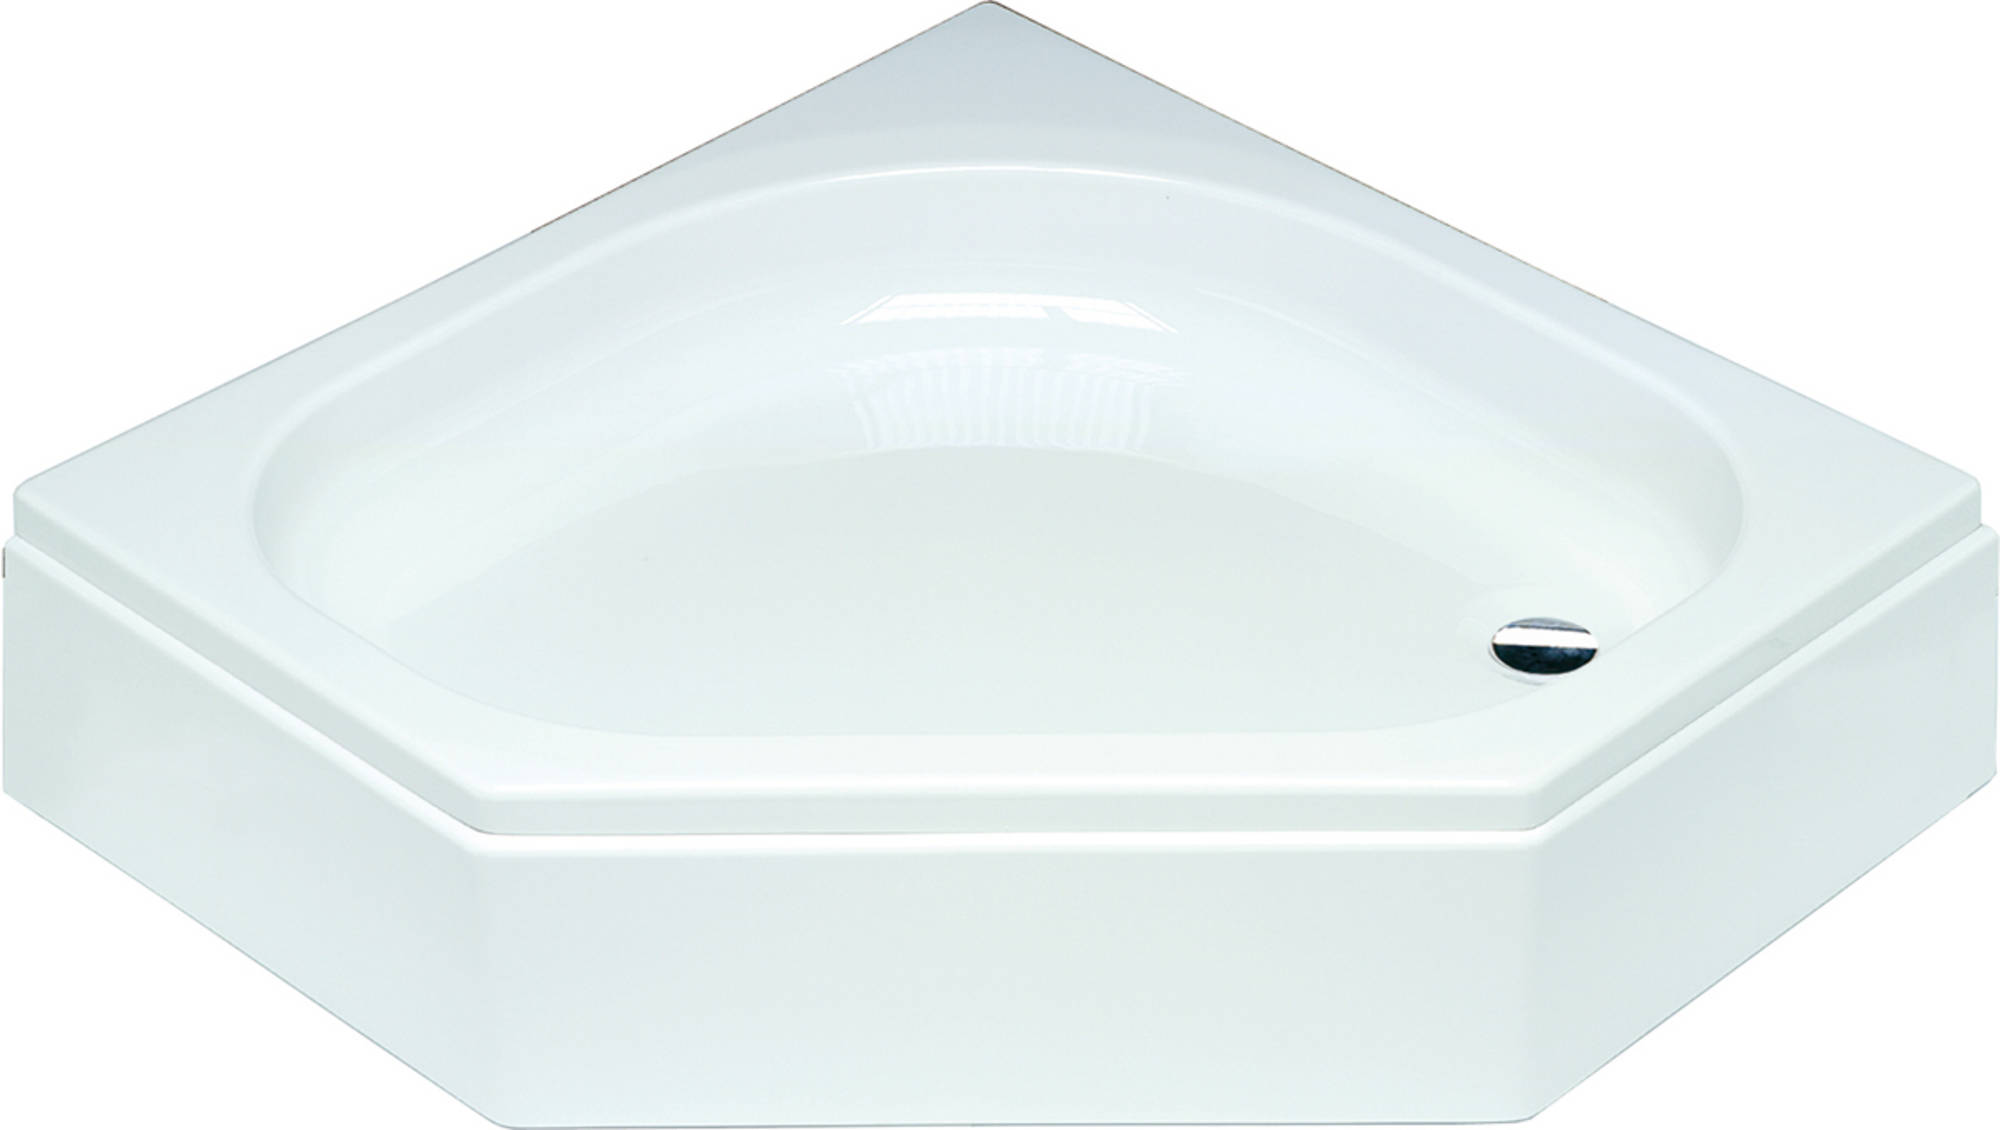 Sealskin Comfort douchebak vijfhoek 90x90 cm opbouw wit